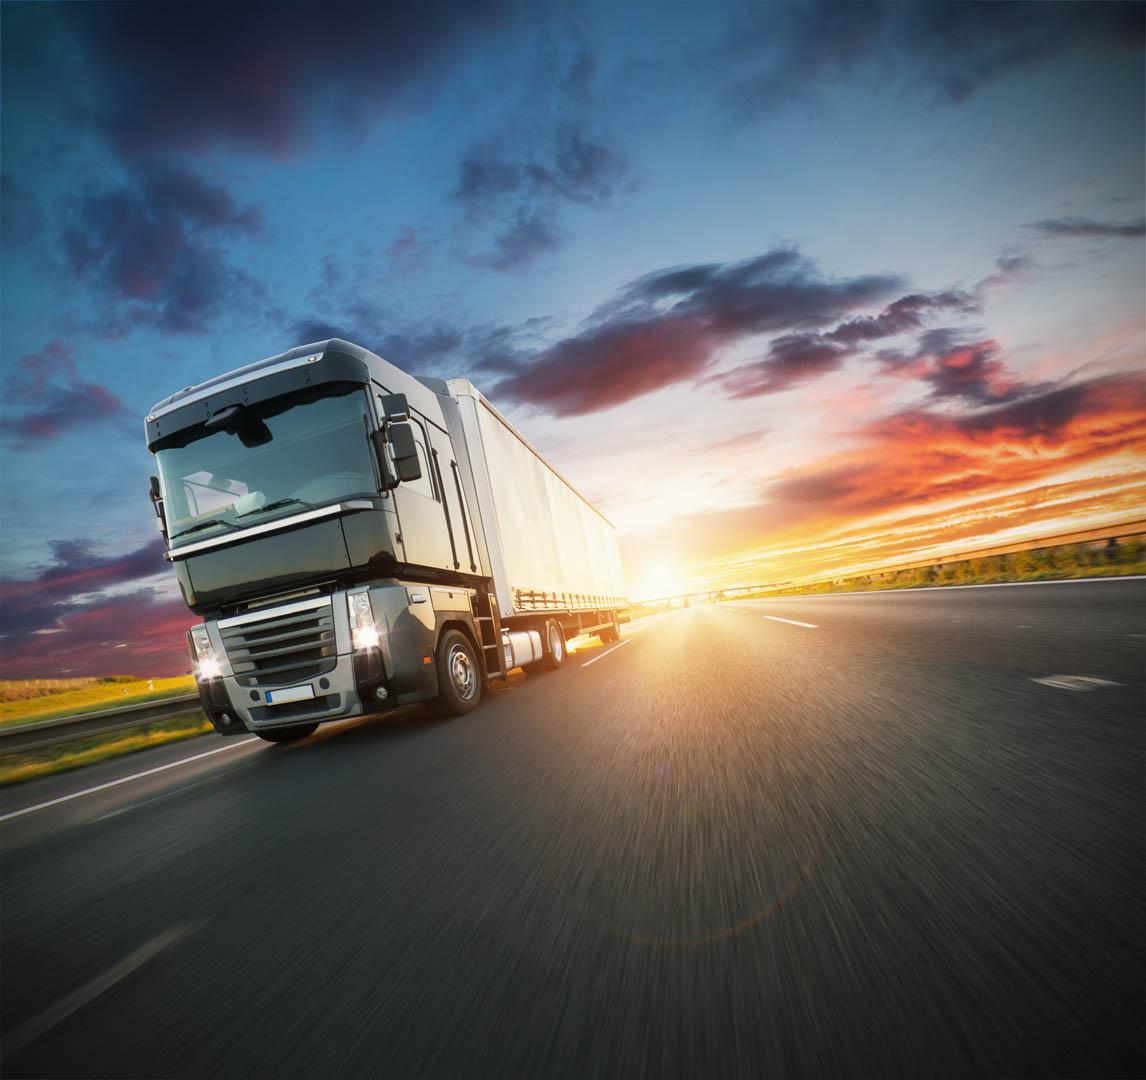 En trailer som kjører på motorveien i solnedgang.